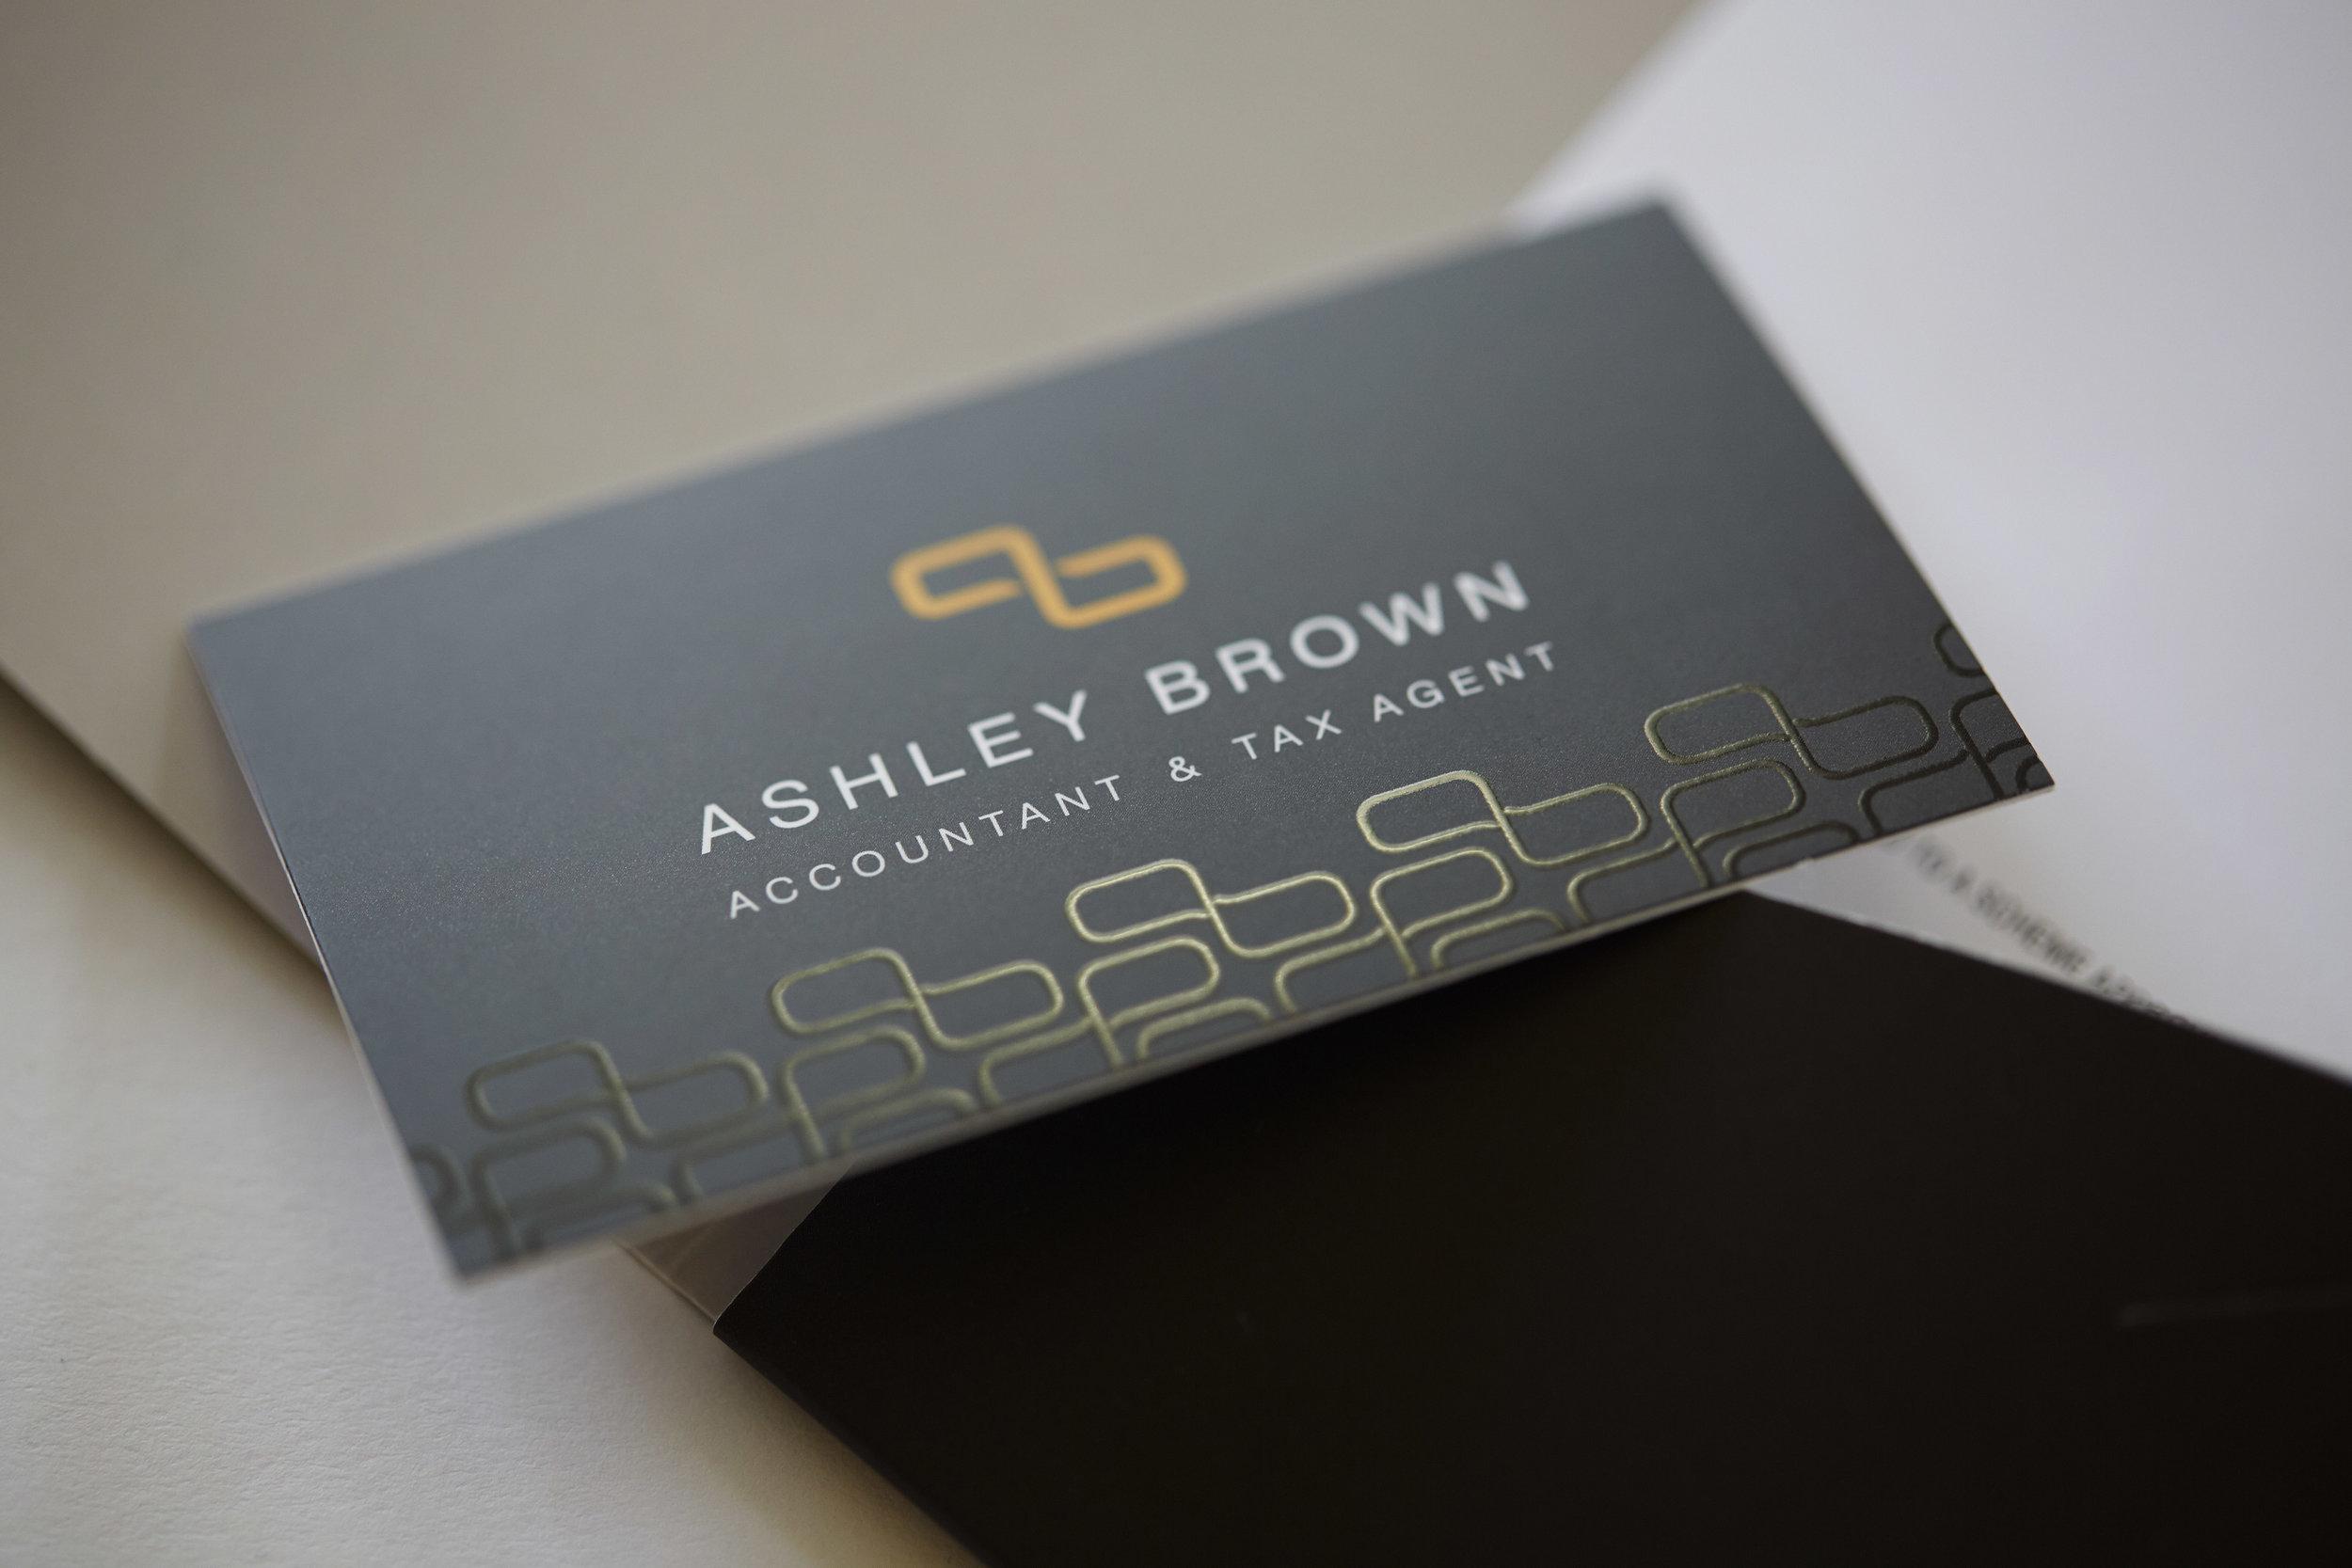 ashleybrown.com.au